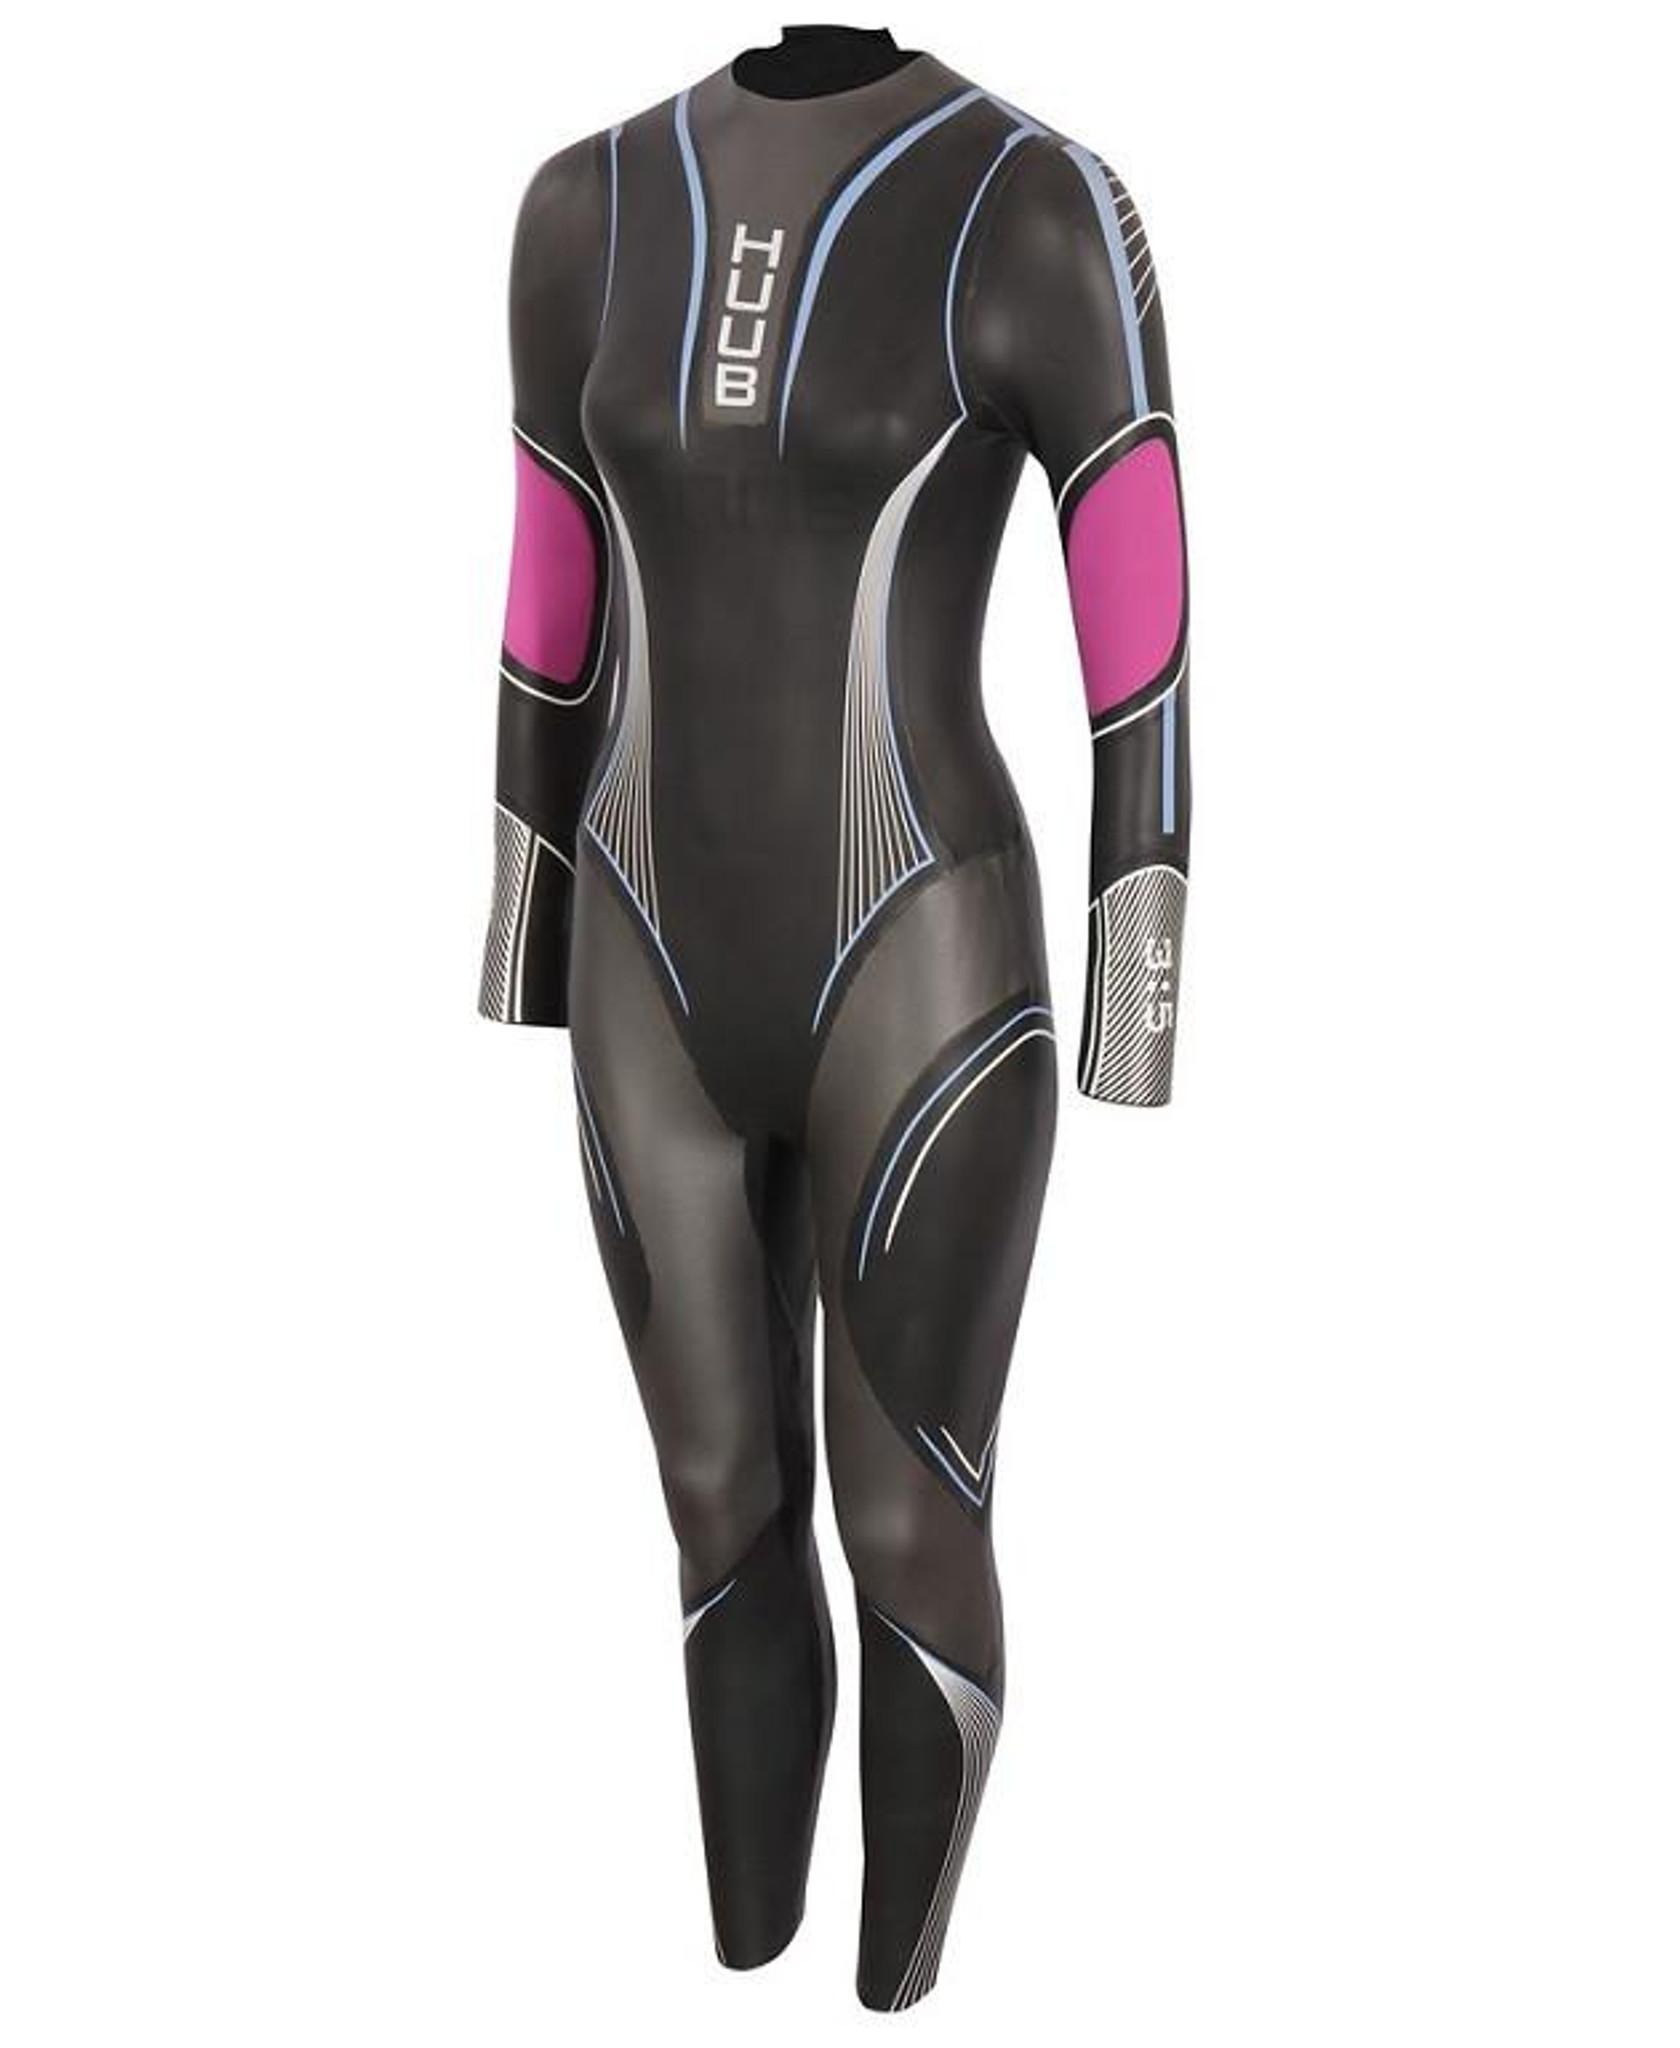 Huub Women s Acara 3 5 Wetsuit - MyTiathlon 4ff52b7a3